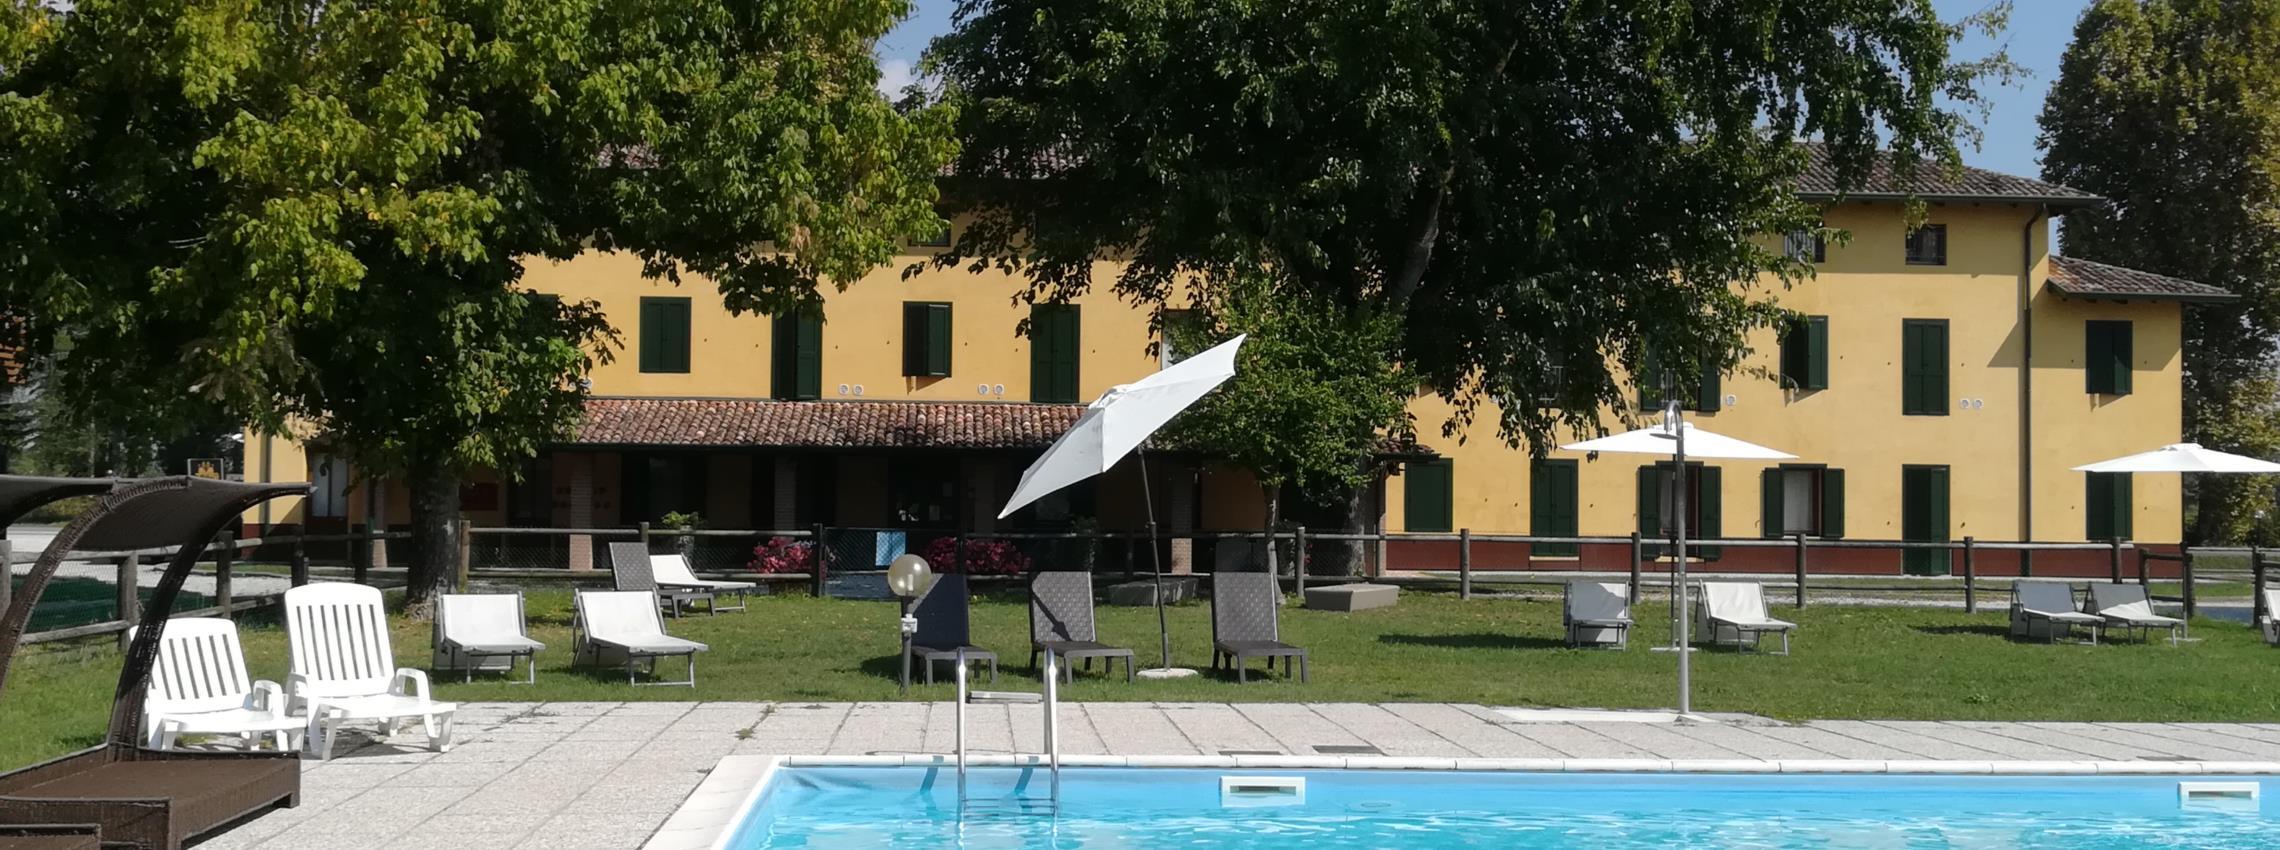 Agriturismo Ai Due Leoni per una vacanza in Friuli vicino Grado